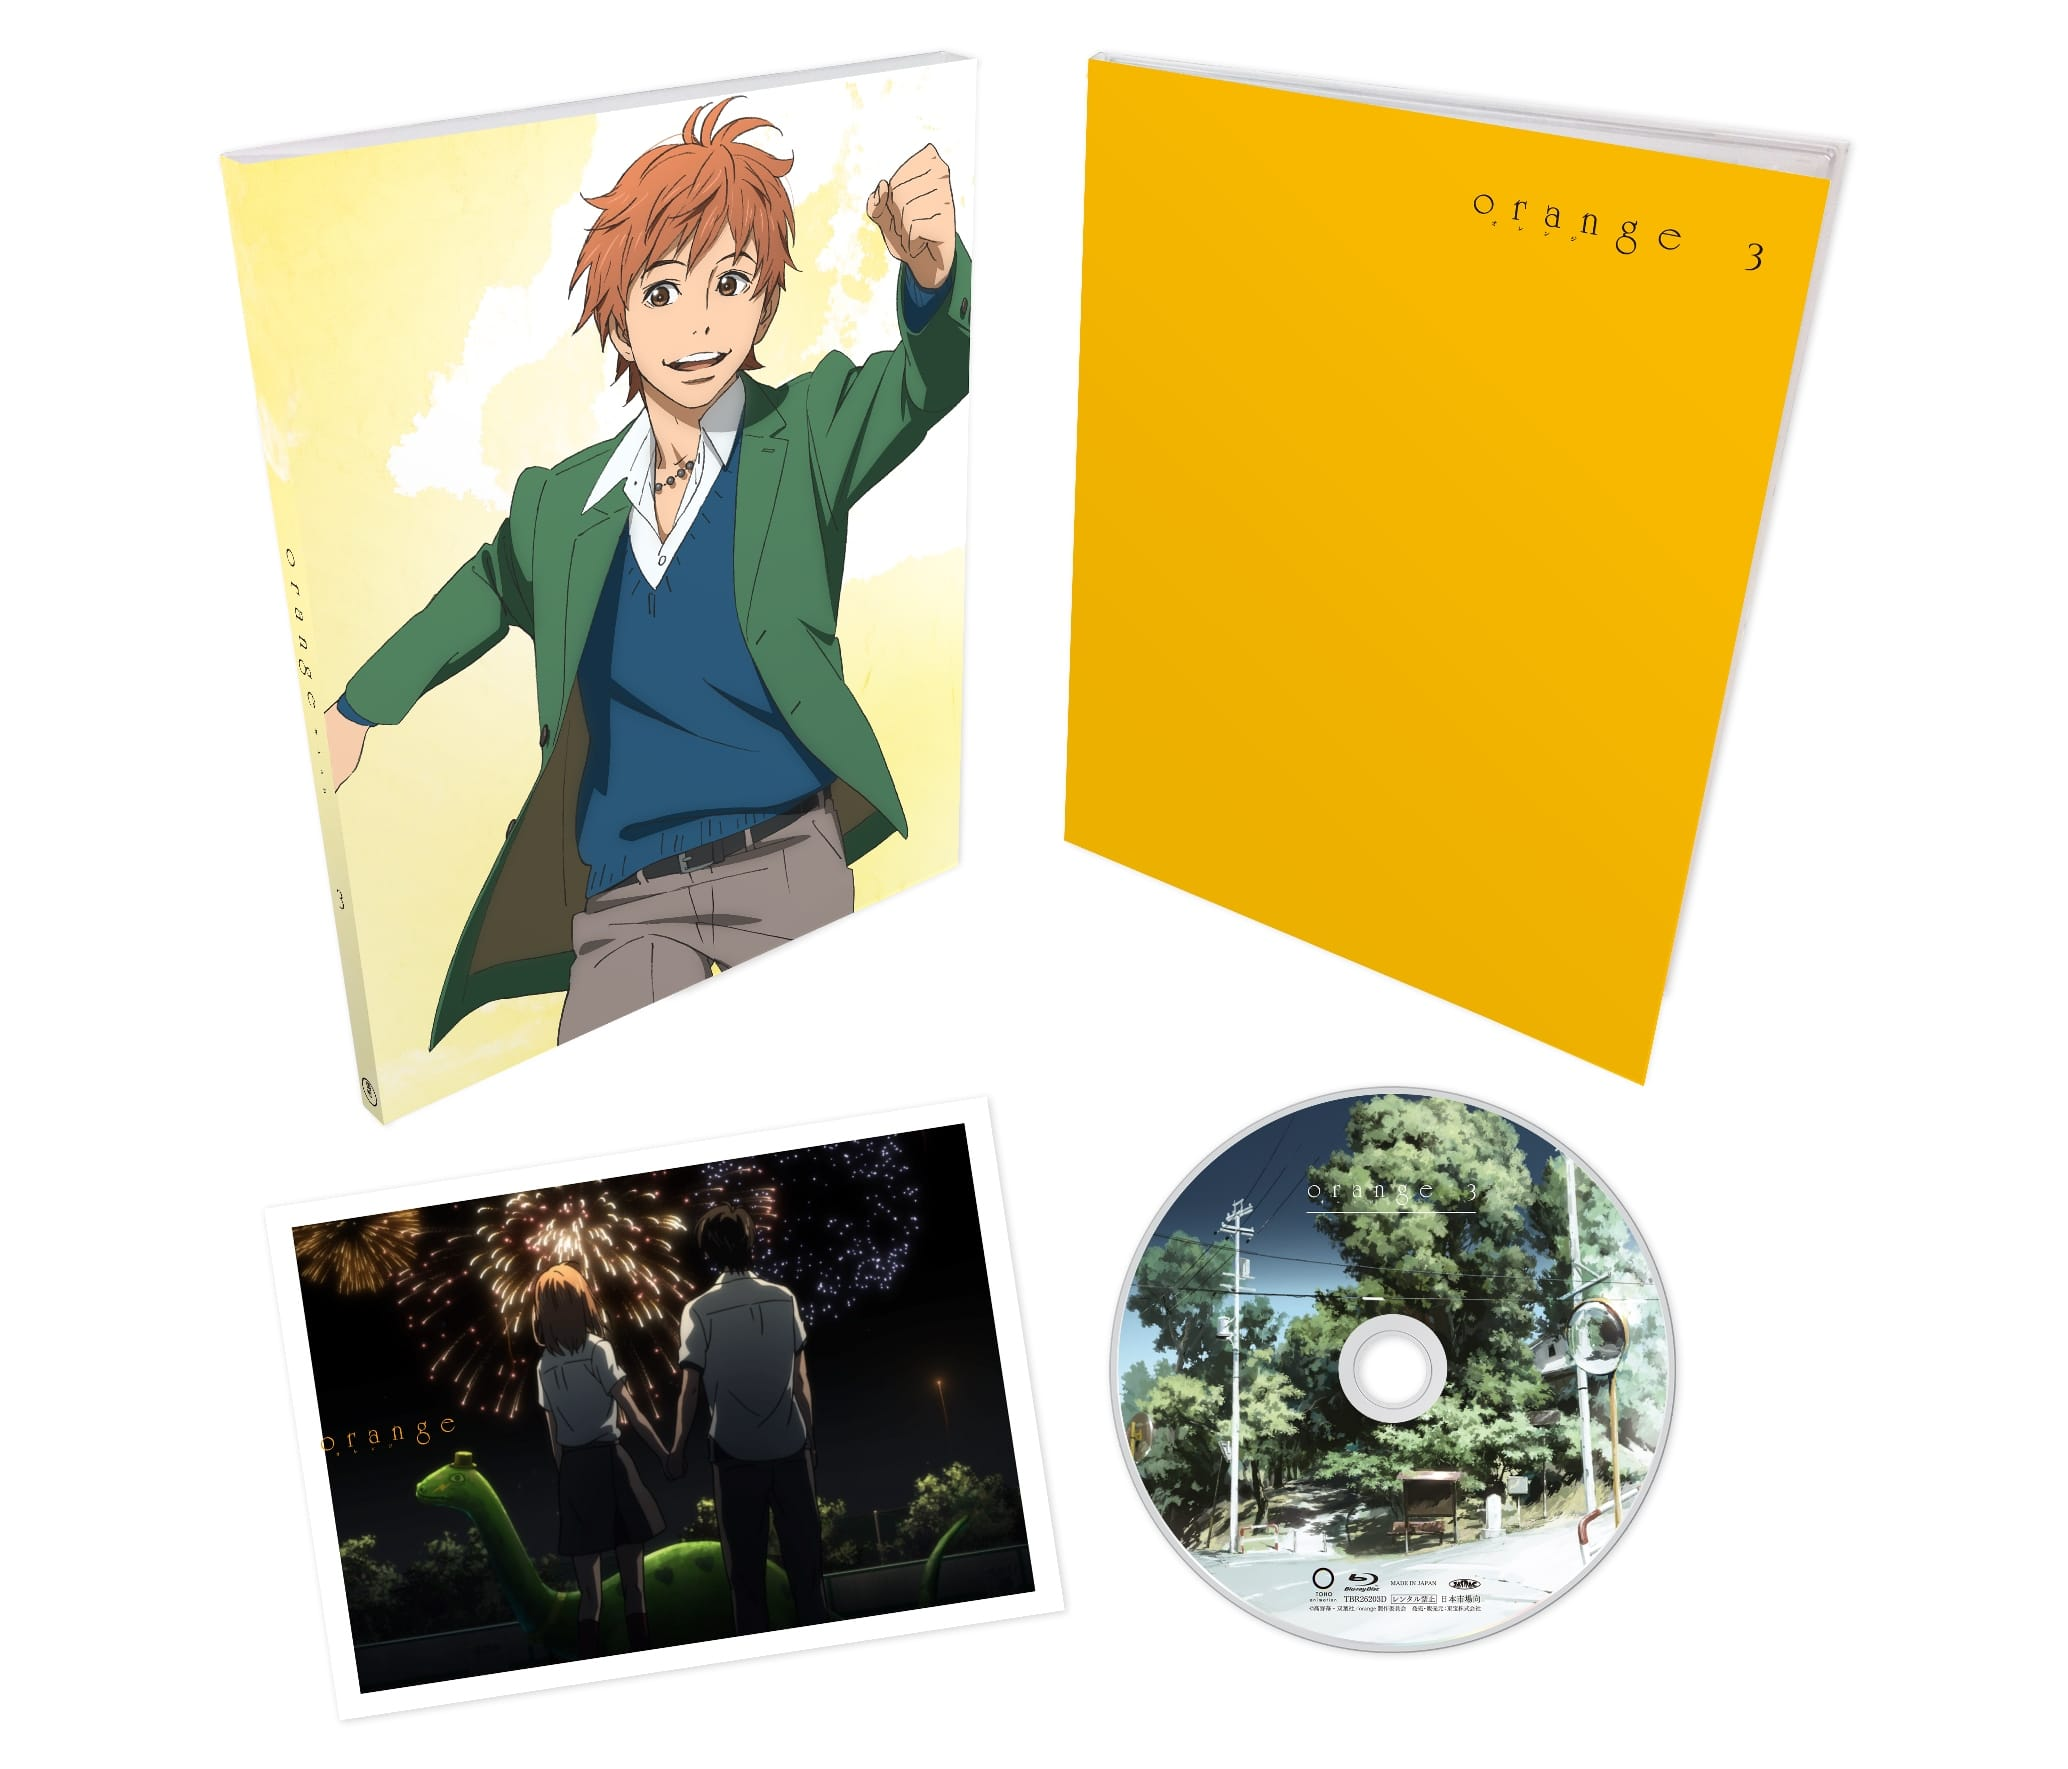 TVアニメ「orange」Vol.3 Blu-ray 初回生産限定版